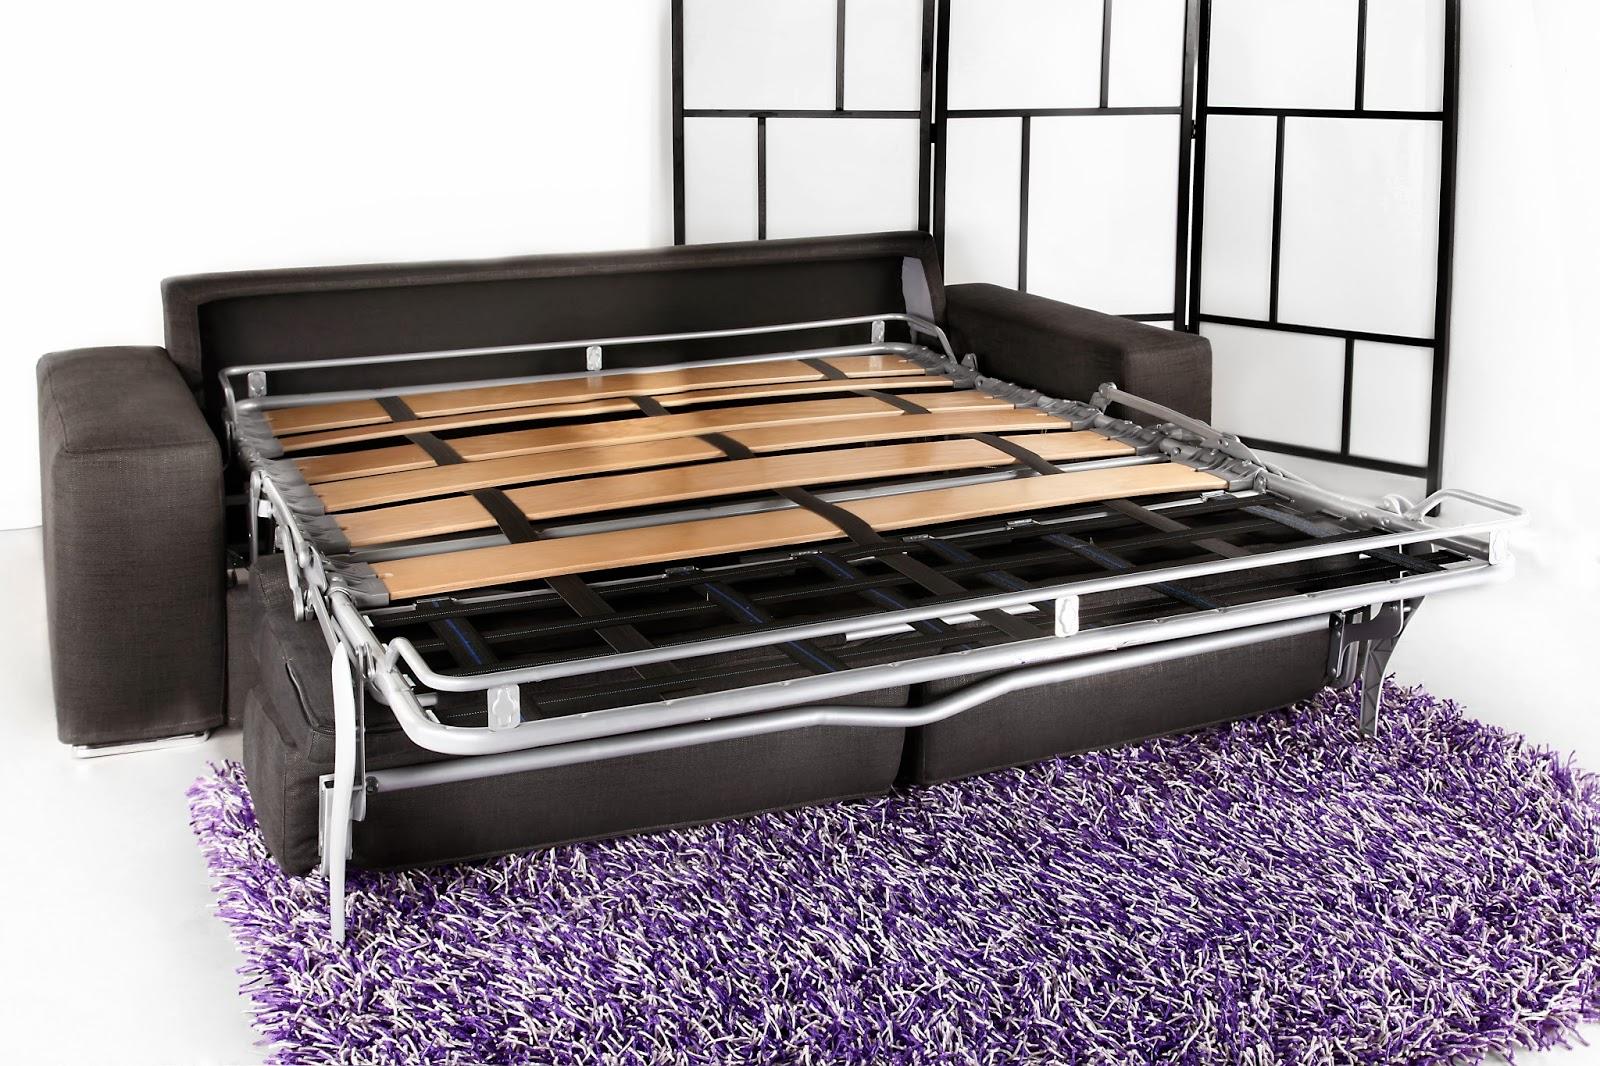 Ikea Materassi Per Divano Letto : Ikea materassi per divano letto ...